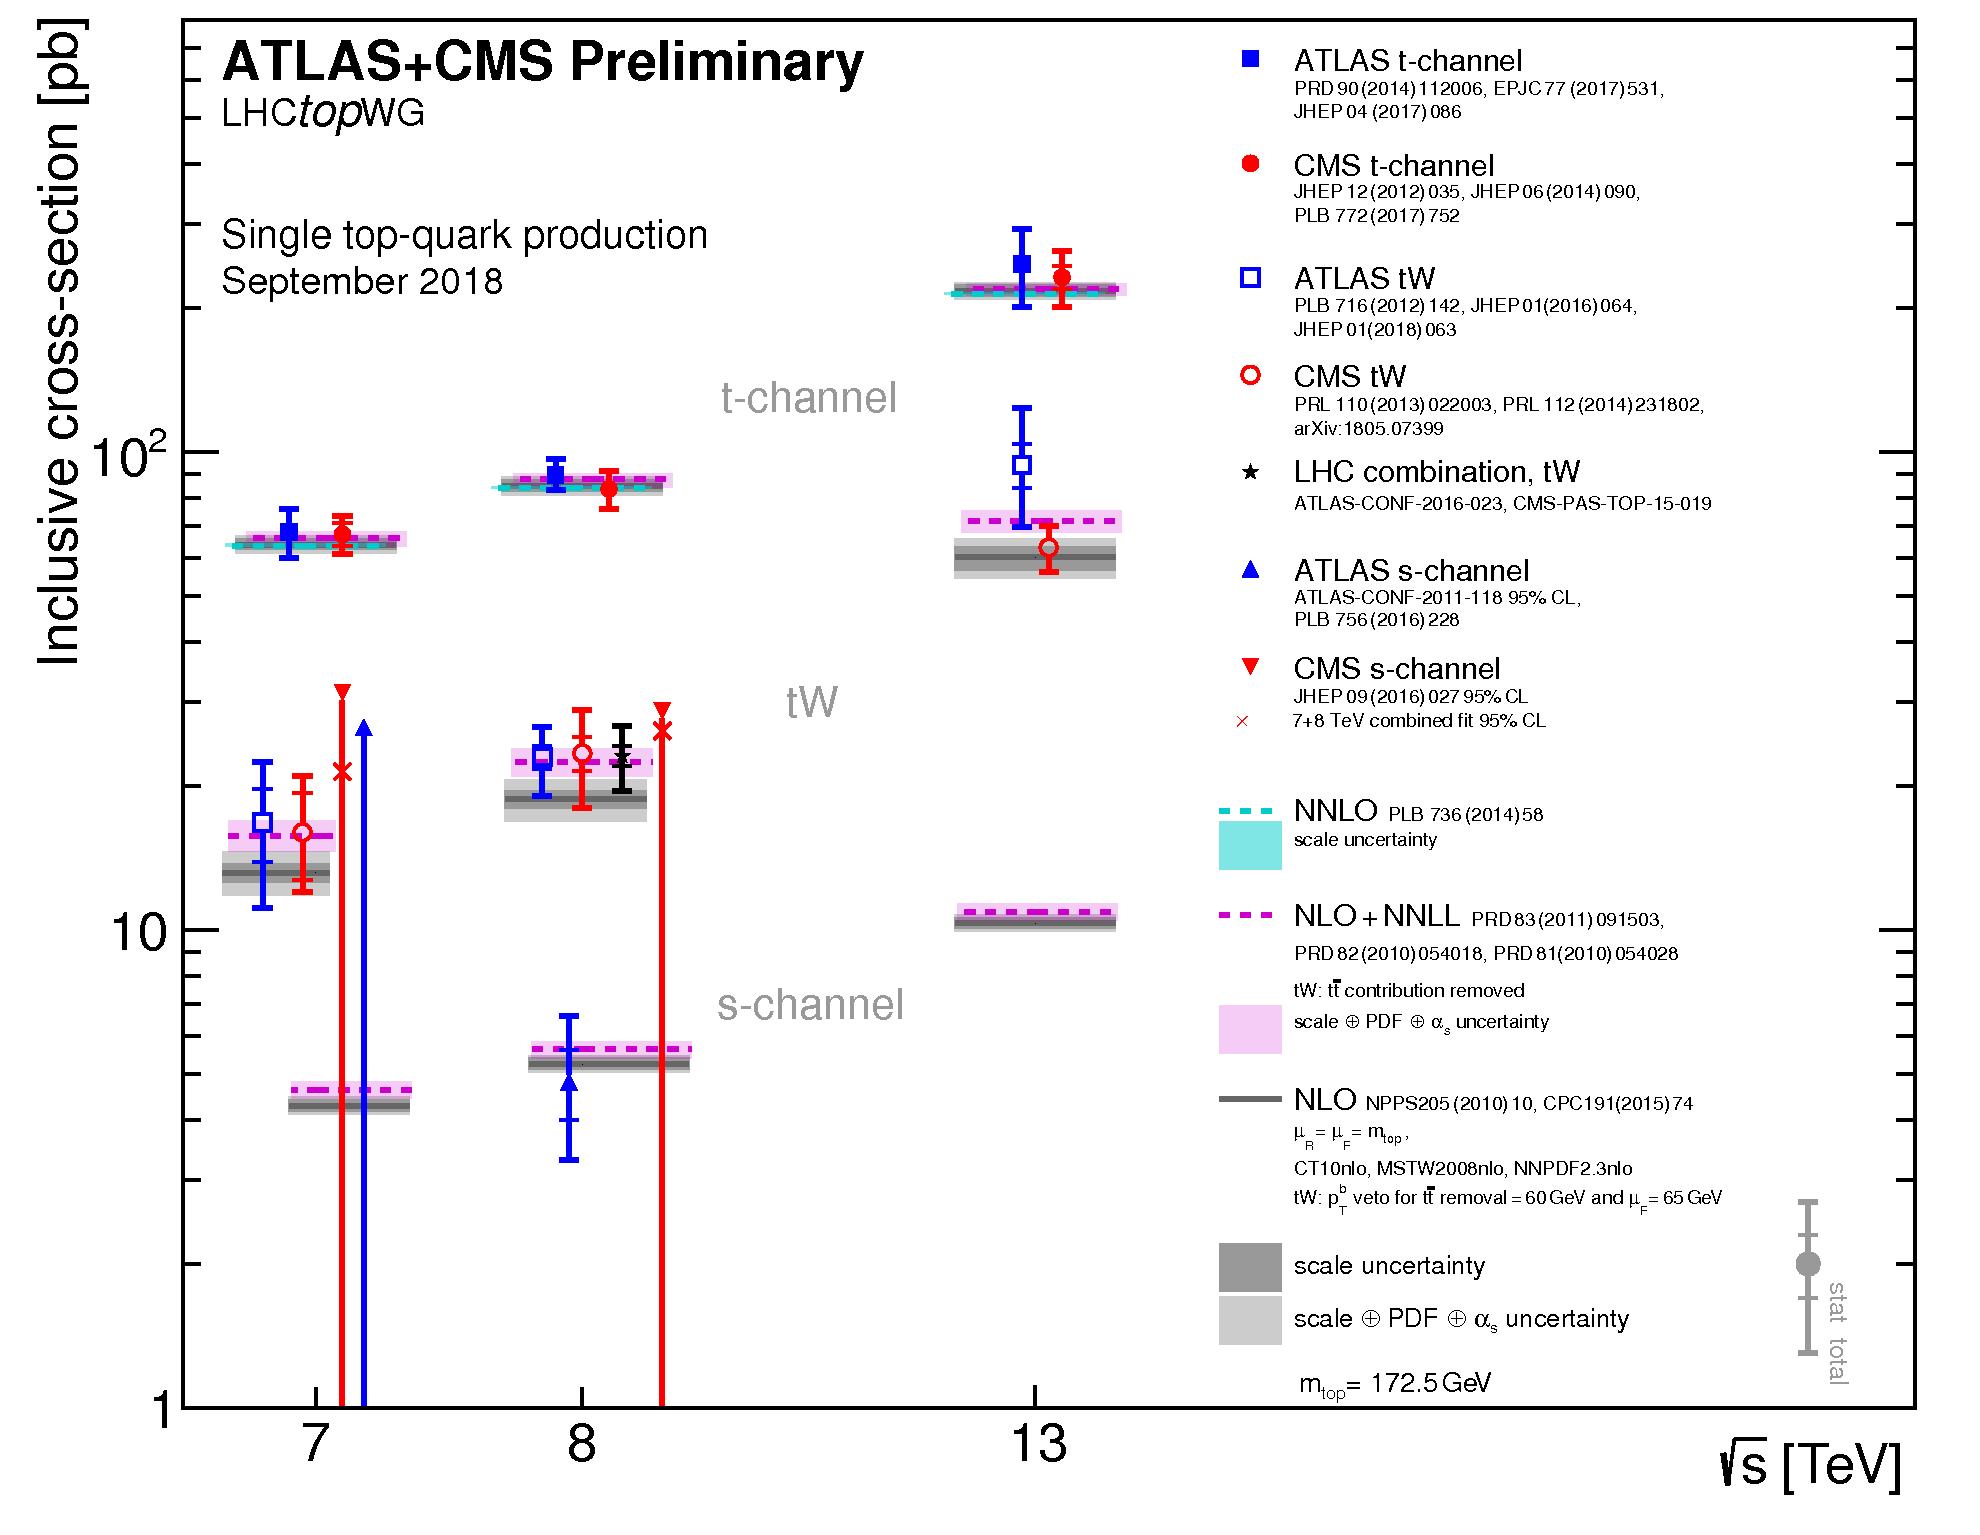 https://atlas.web.cern.ch/Atlas/GROUPS/PHYSICS/CombinedSummaryPlots/TOP/singletop_allchanvsroots/singletop_allchanvsroots.png